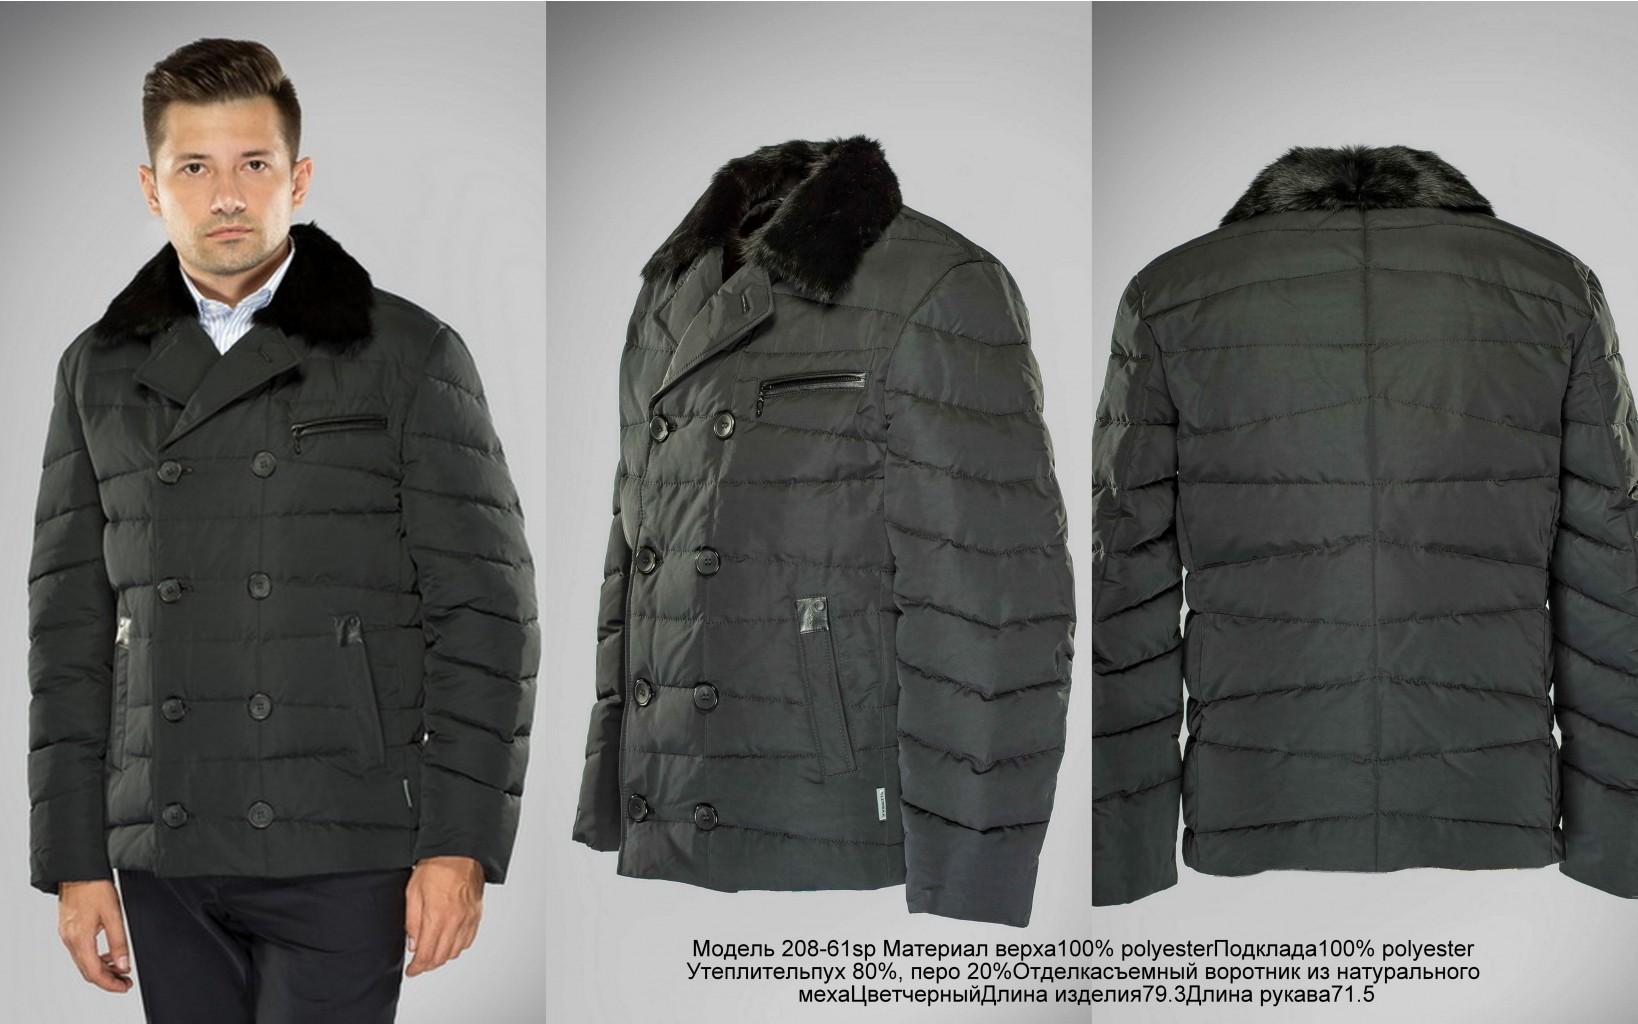 Сбор заказов. Грандиозная распродажа! Оденем стильно наших мужчин! Куртки, аляски, френчи, пиджаки, пальто! Доступные цены! Без рядов! Есть для больших мужчин! - 18 выкуп.